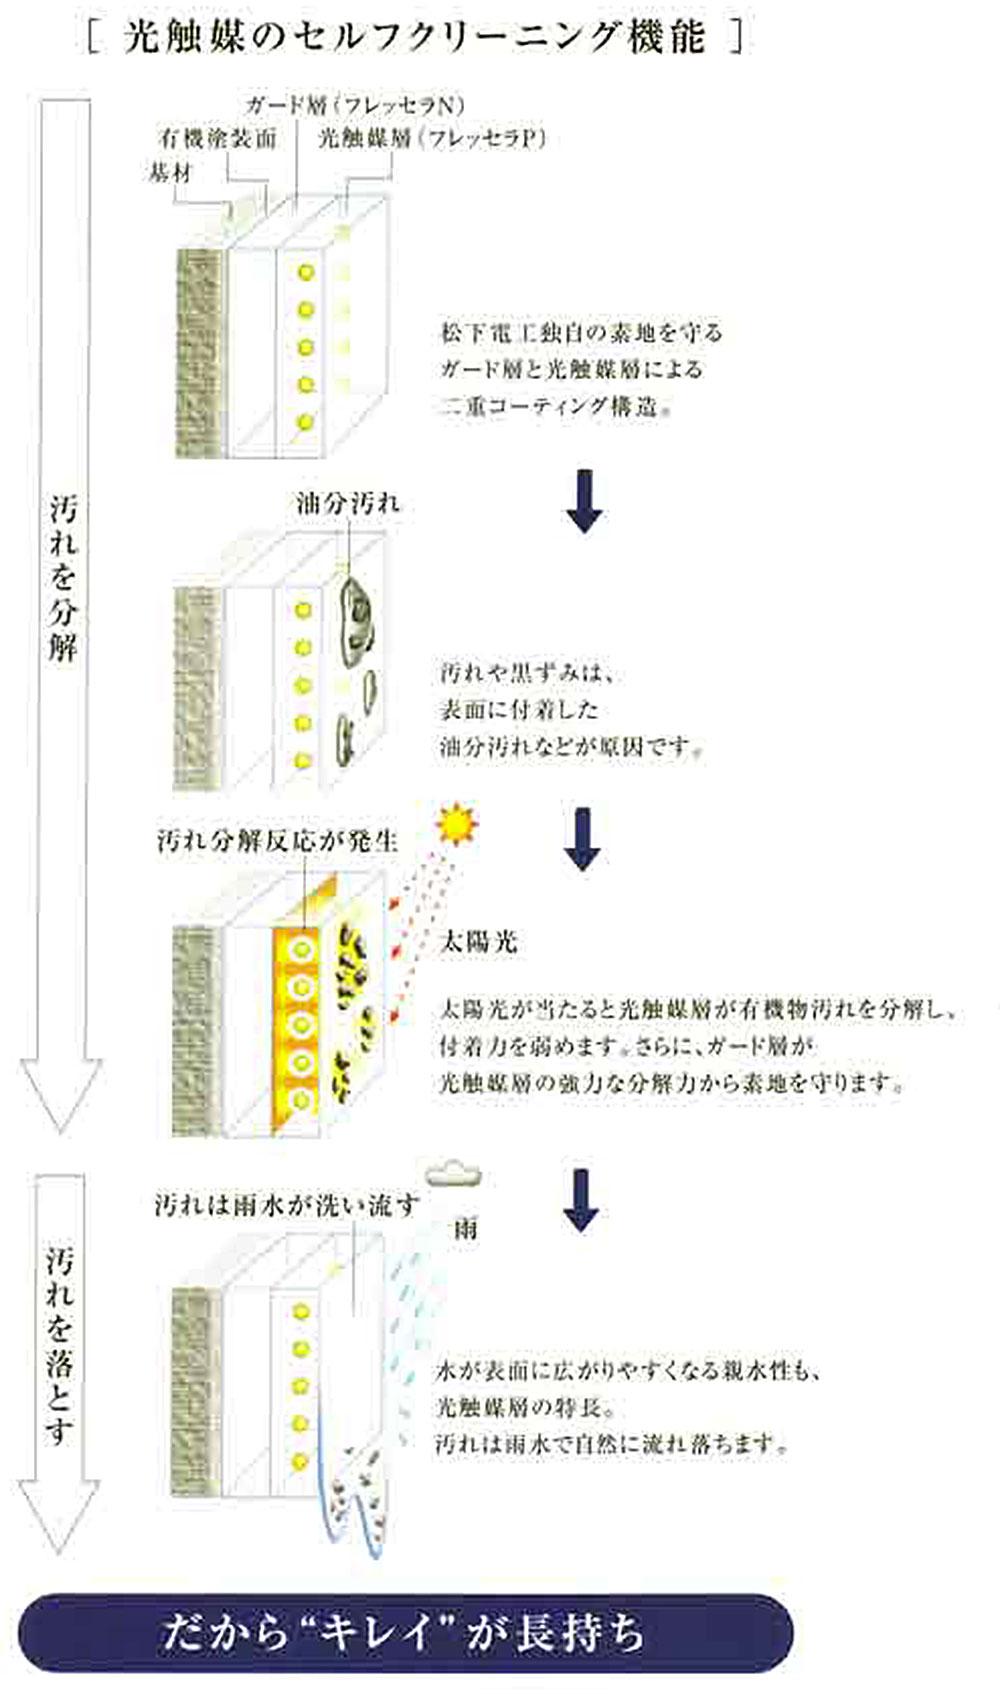 光触媒のセルフクリーニング機能